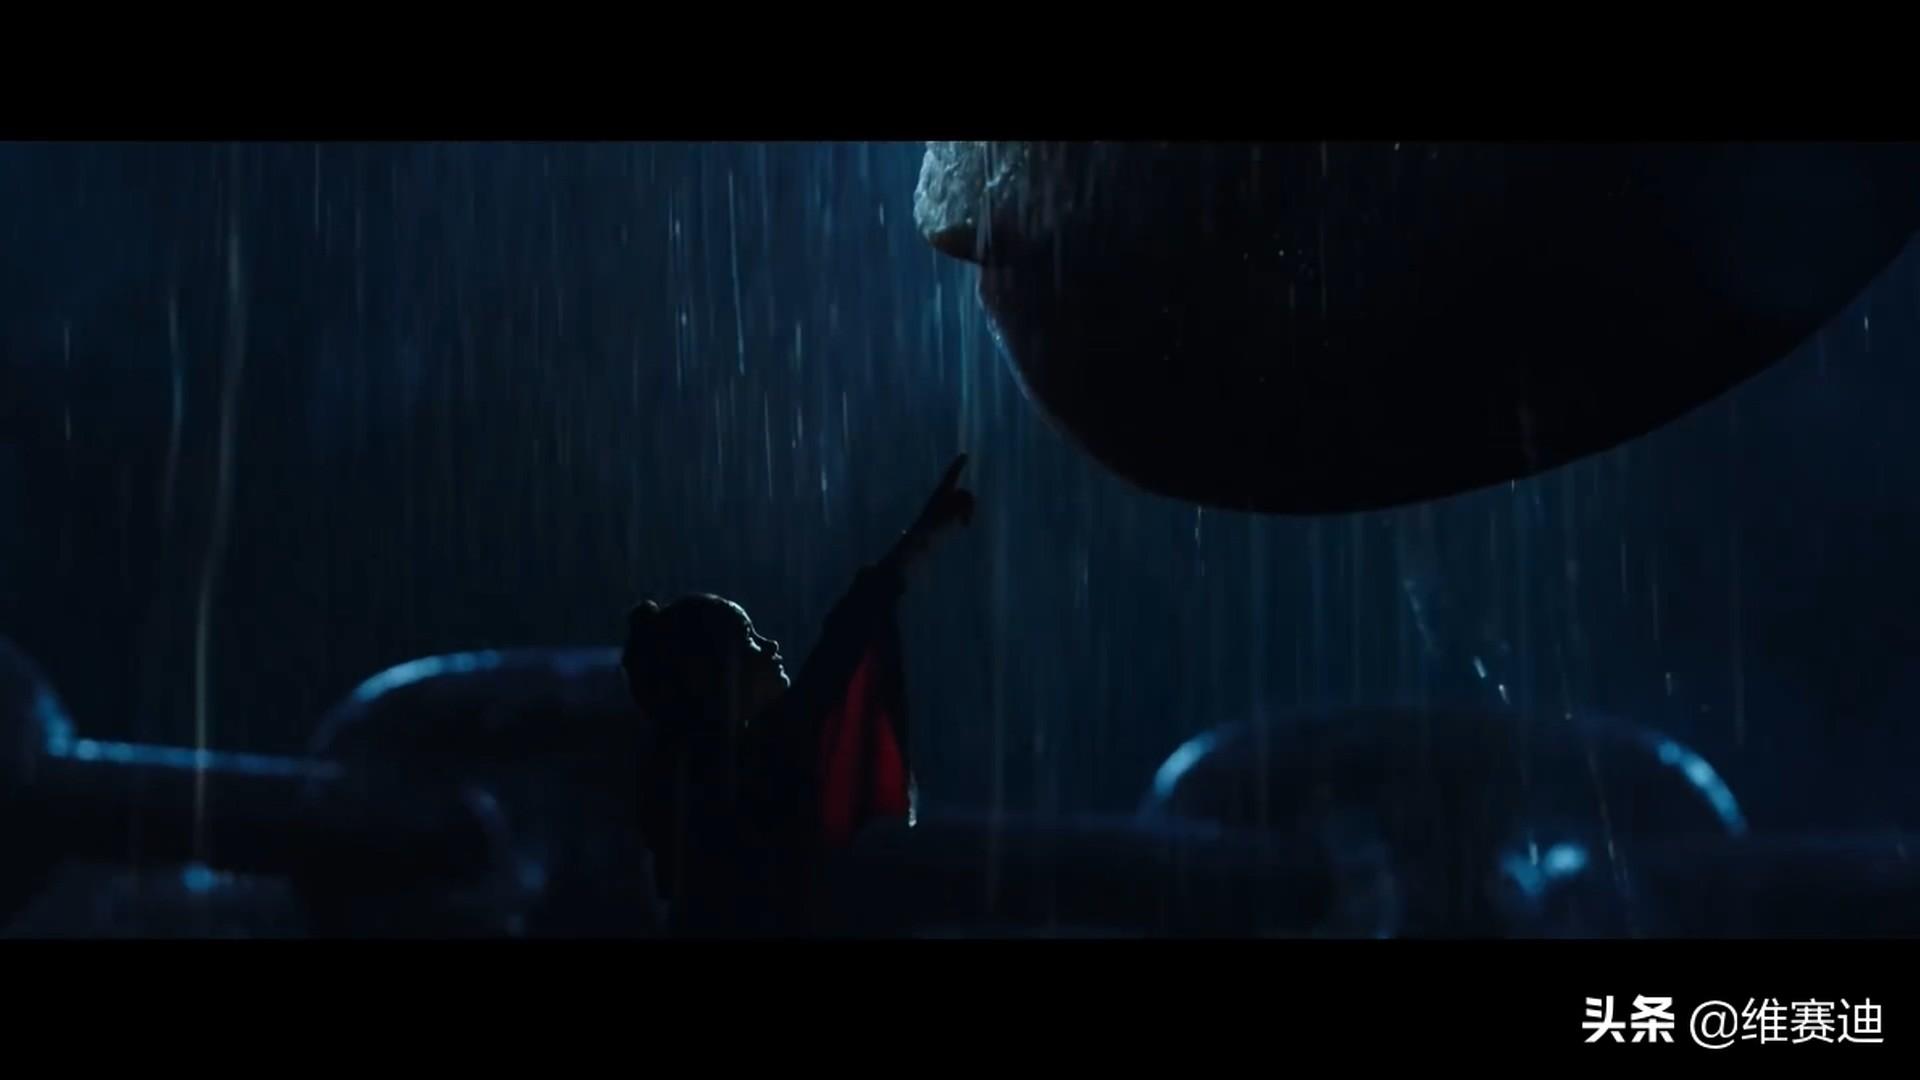 《哥斯拉大战金刚》:哥斯拉因不明原因暴走,金刚成人类最后希望